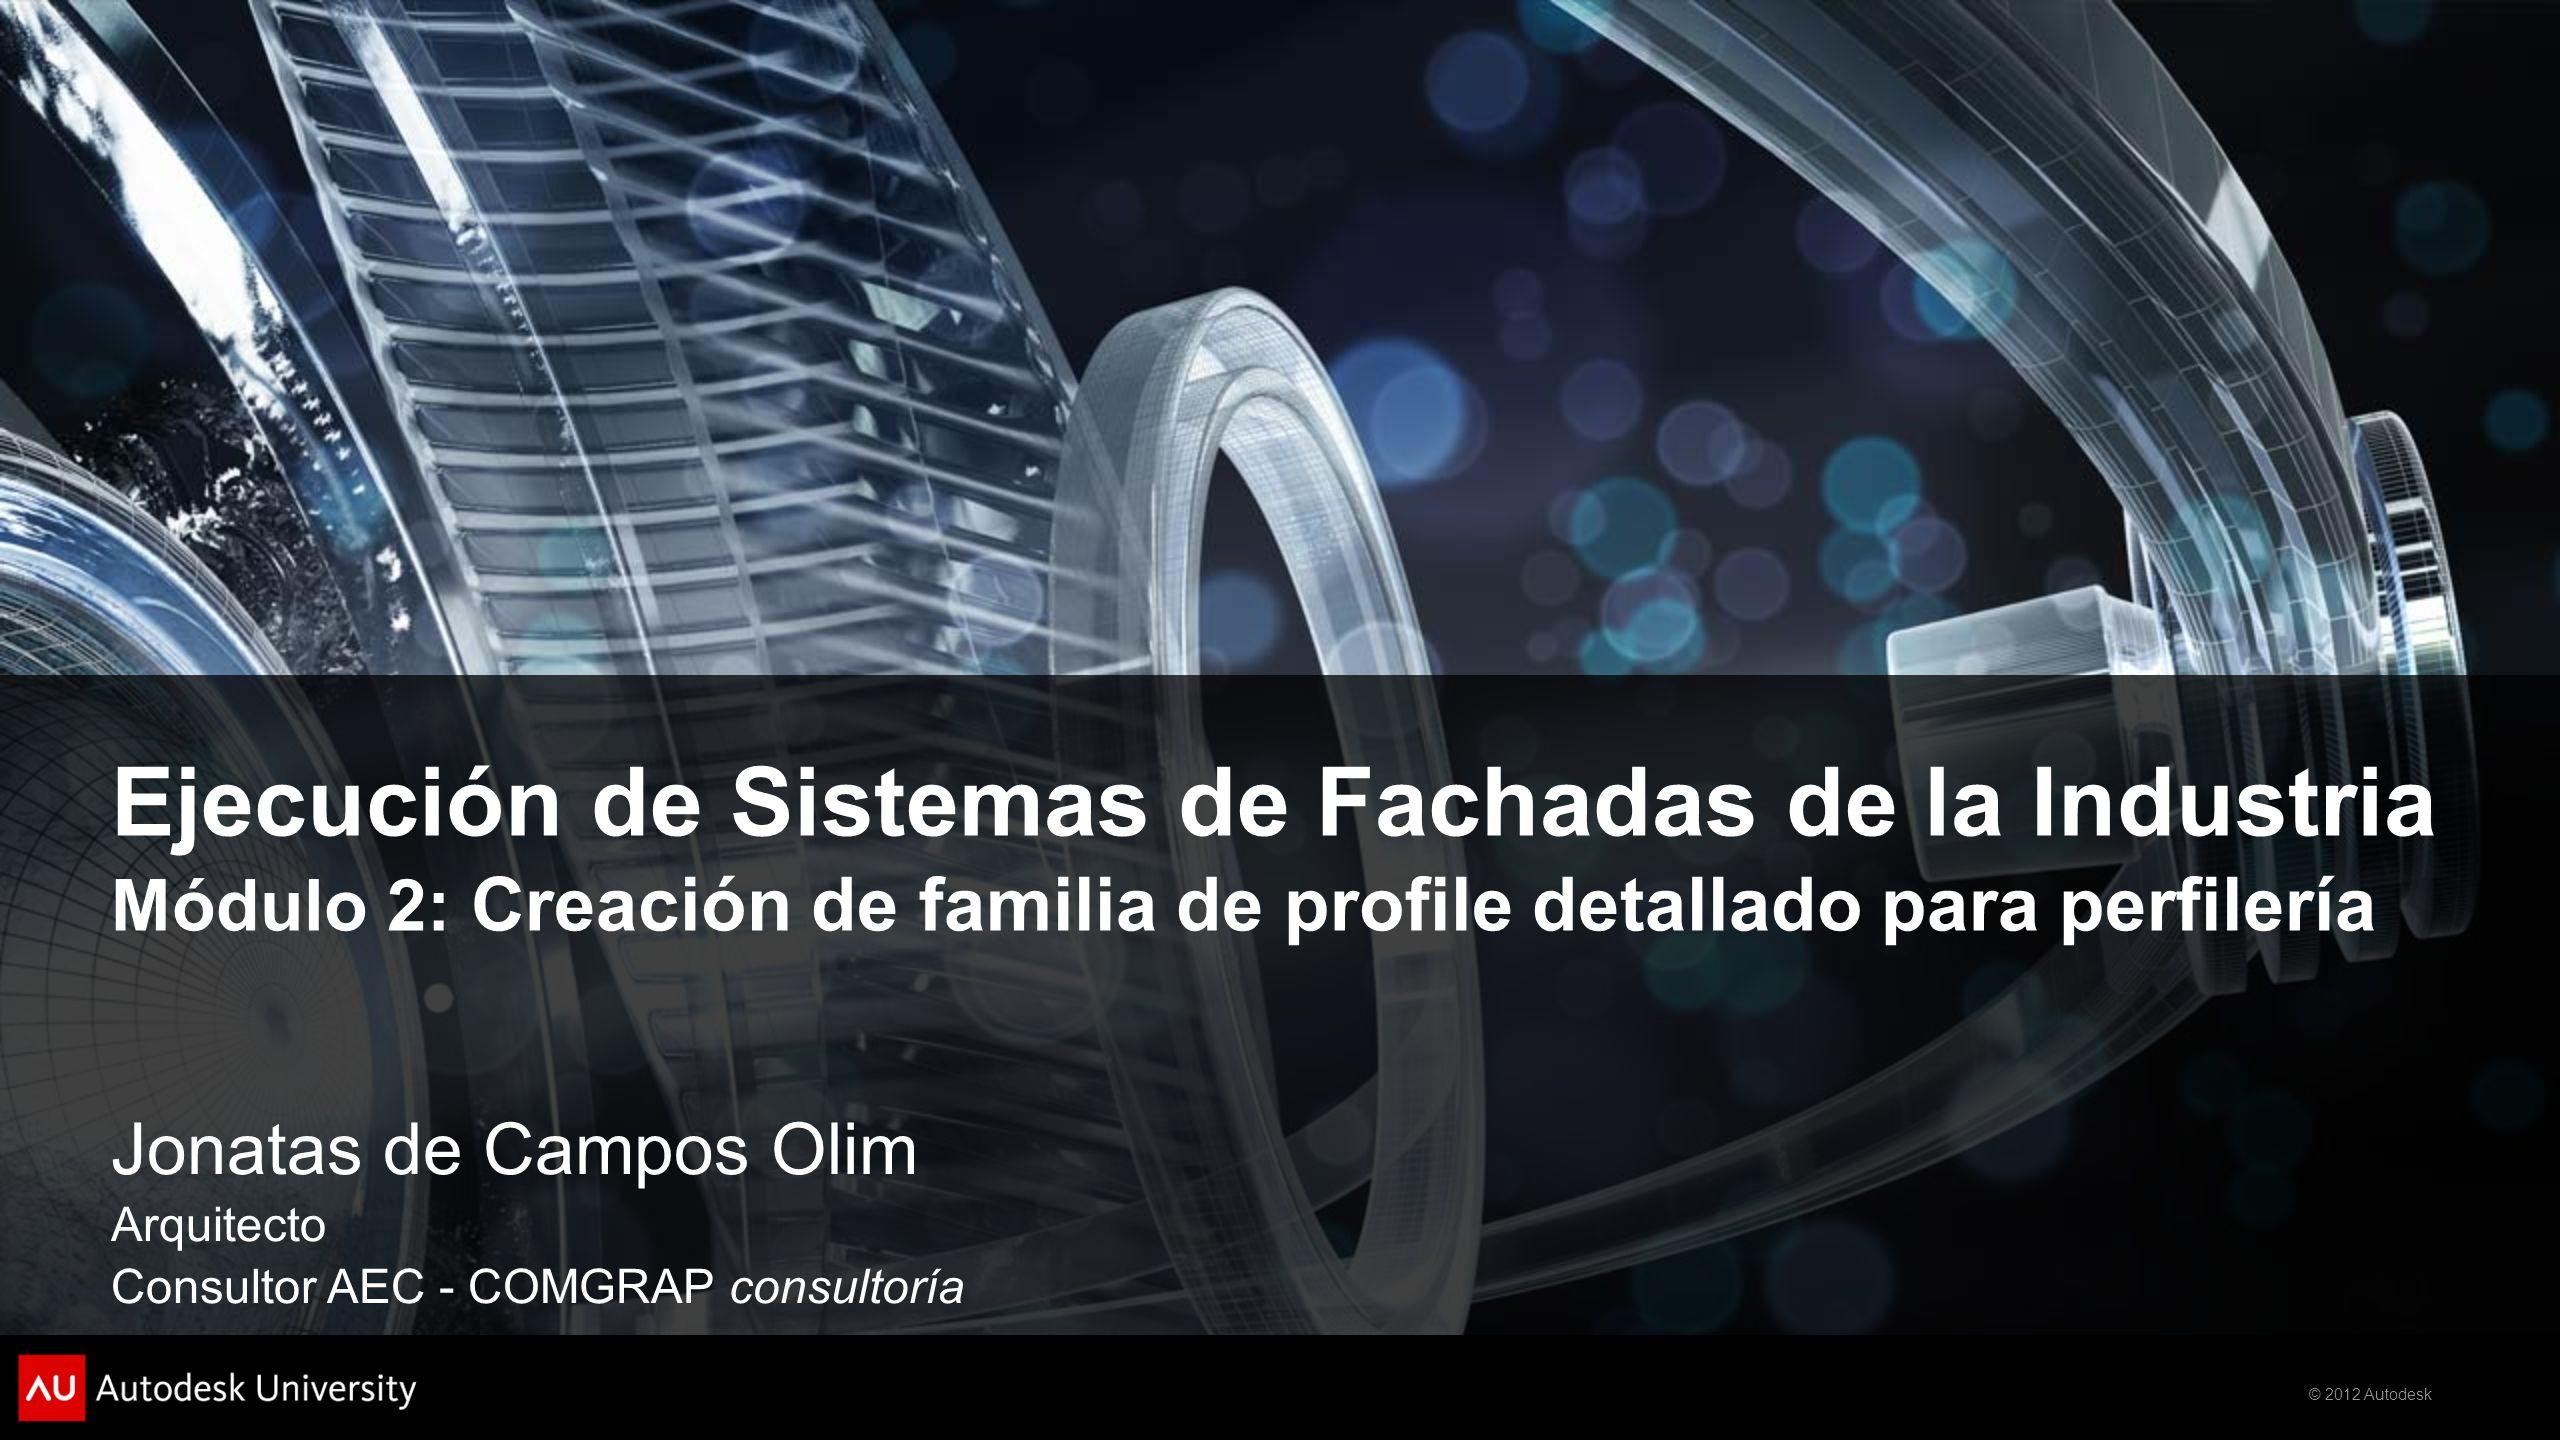 © 2012 Autodesk Resumen de la Clase Esta presentación mostrará como crear familia de profile detallado para perfilería Jonatas C.Olim - COMGRAP consultoría